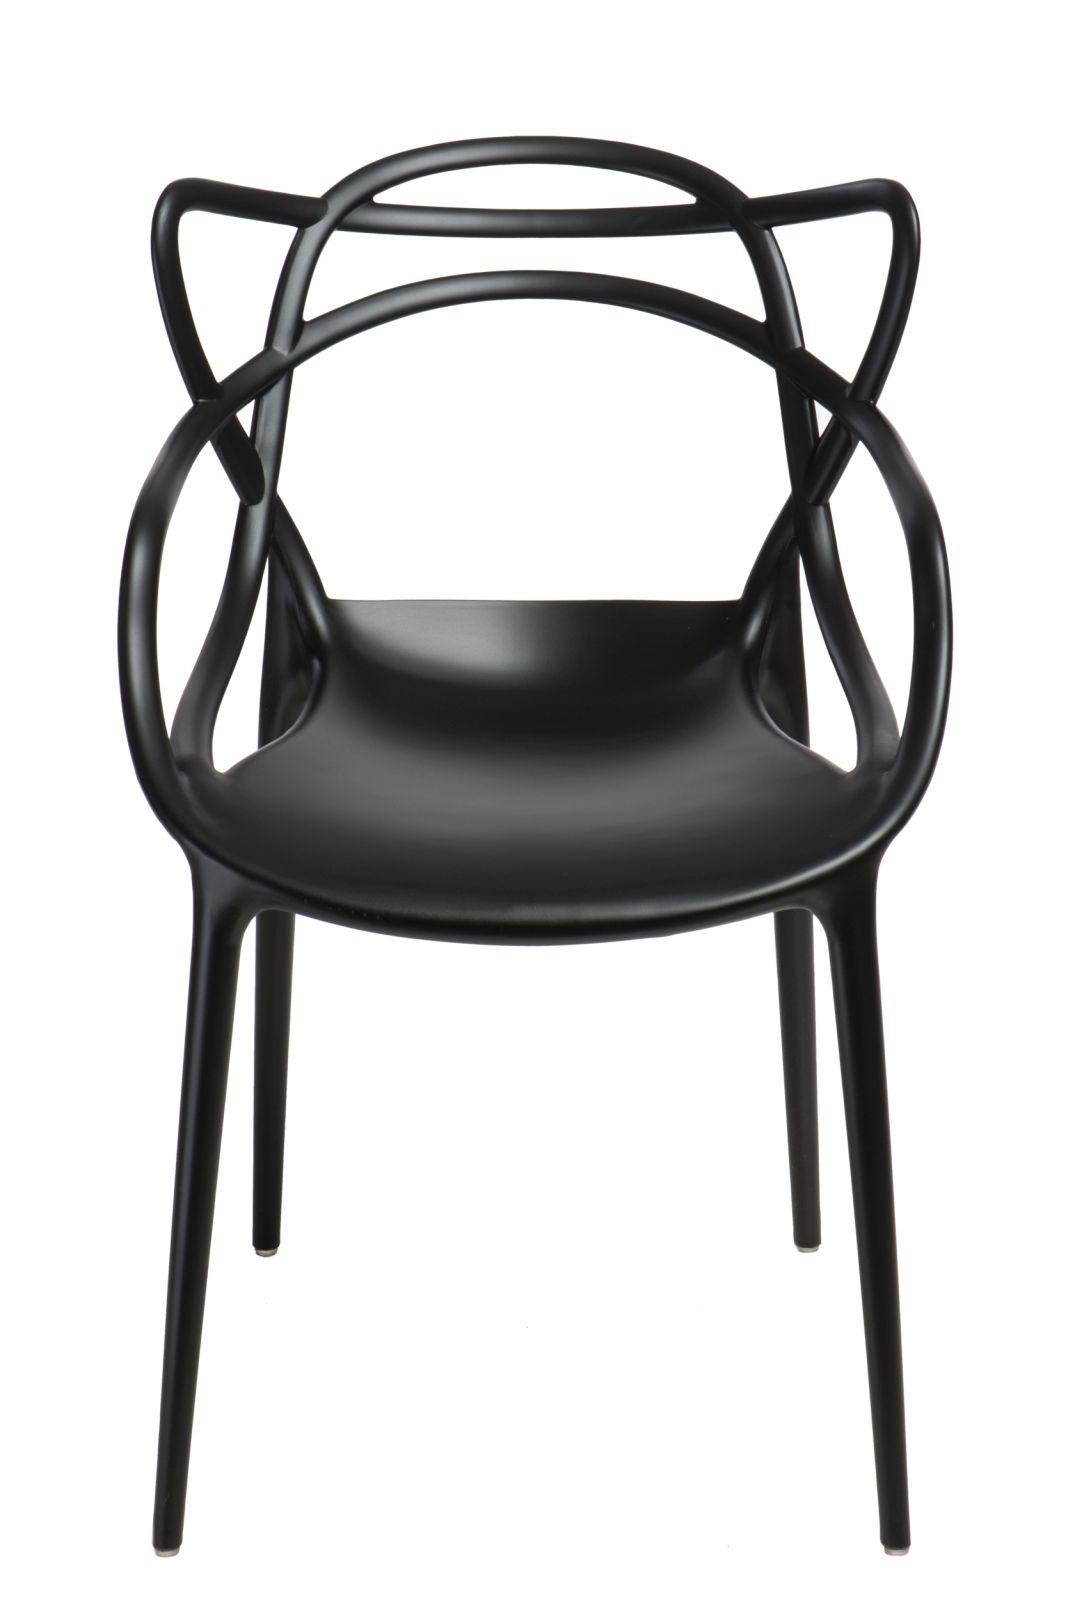 Jídelní židle s područkami Minster, černá